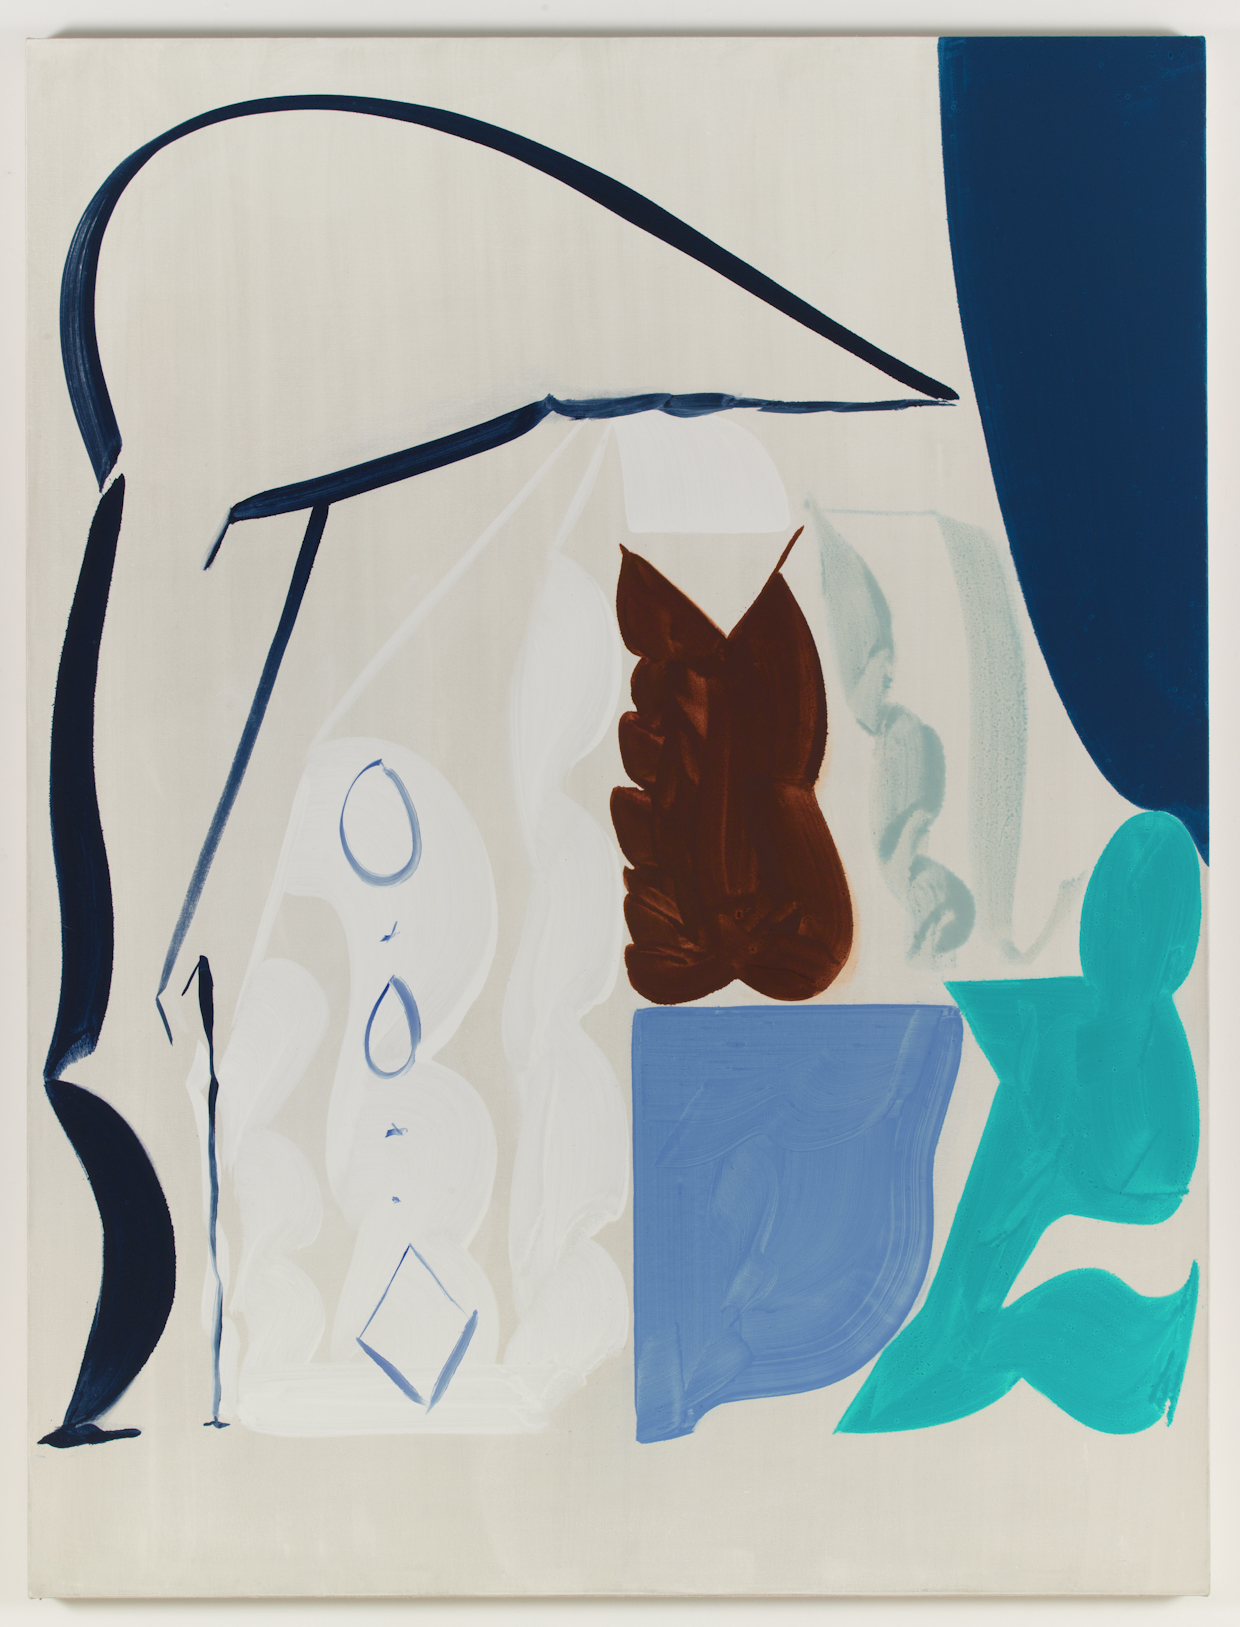 Patricia Treib, Delft Icon, 2015, oil on canvas, 66 x 50 inches